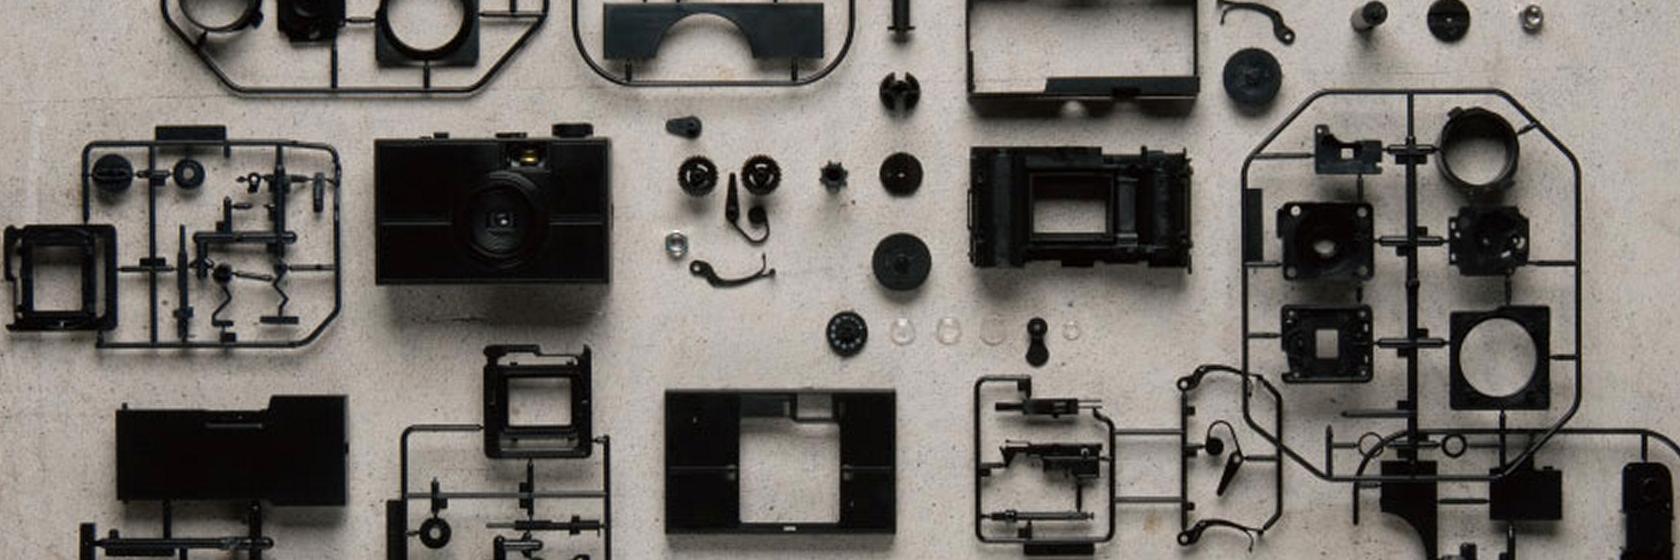 Lag ditt eget filmkamera